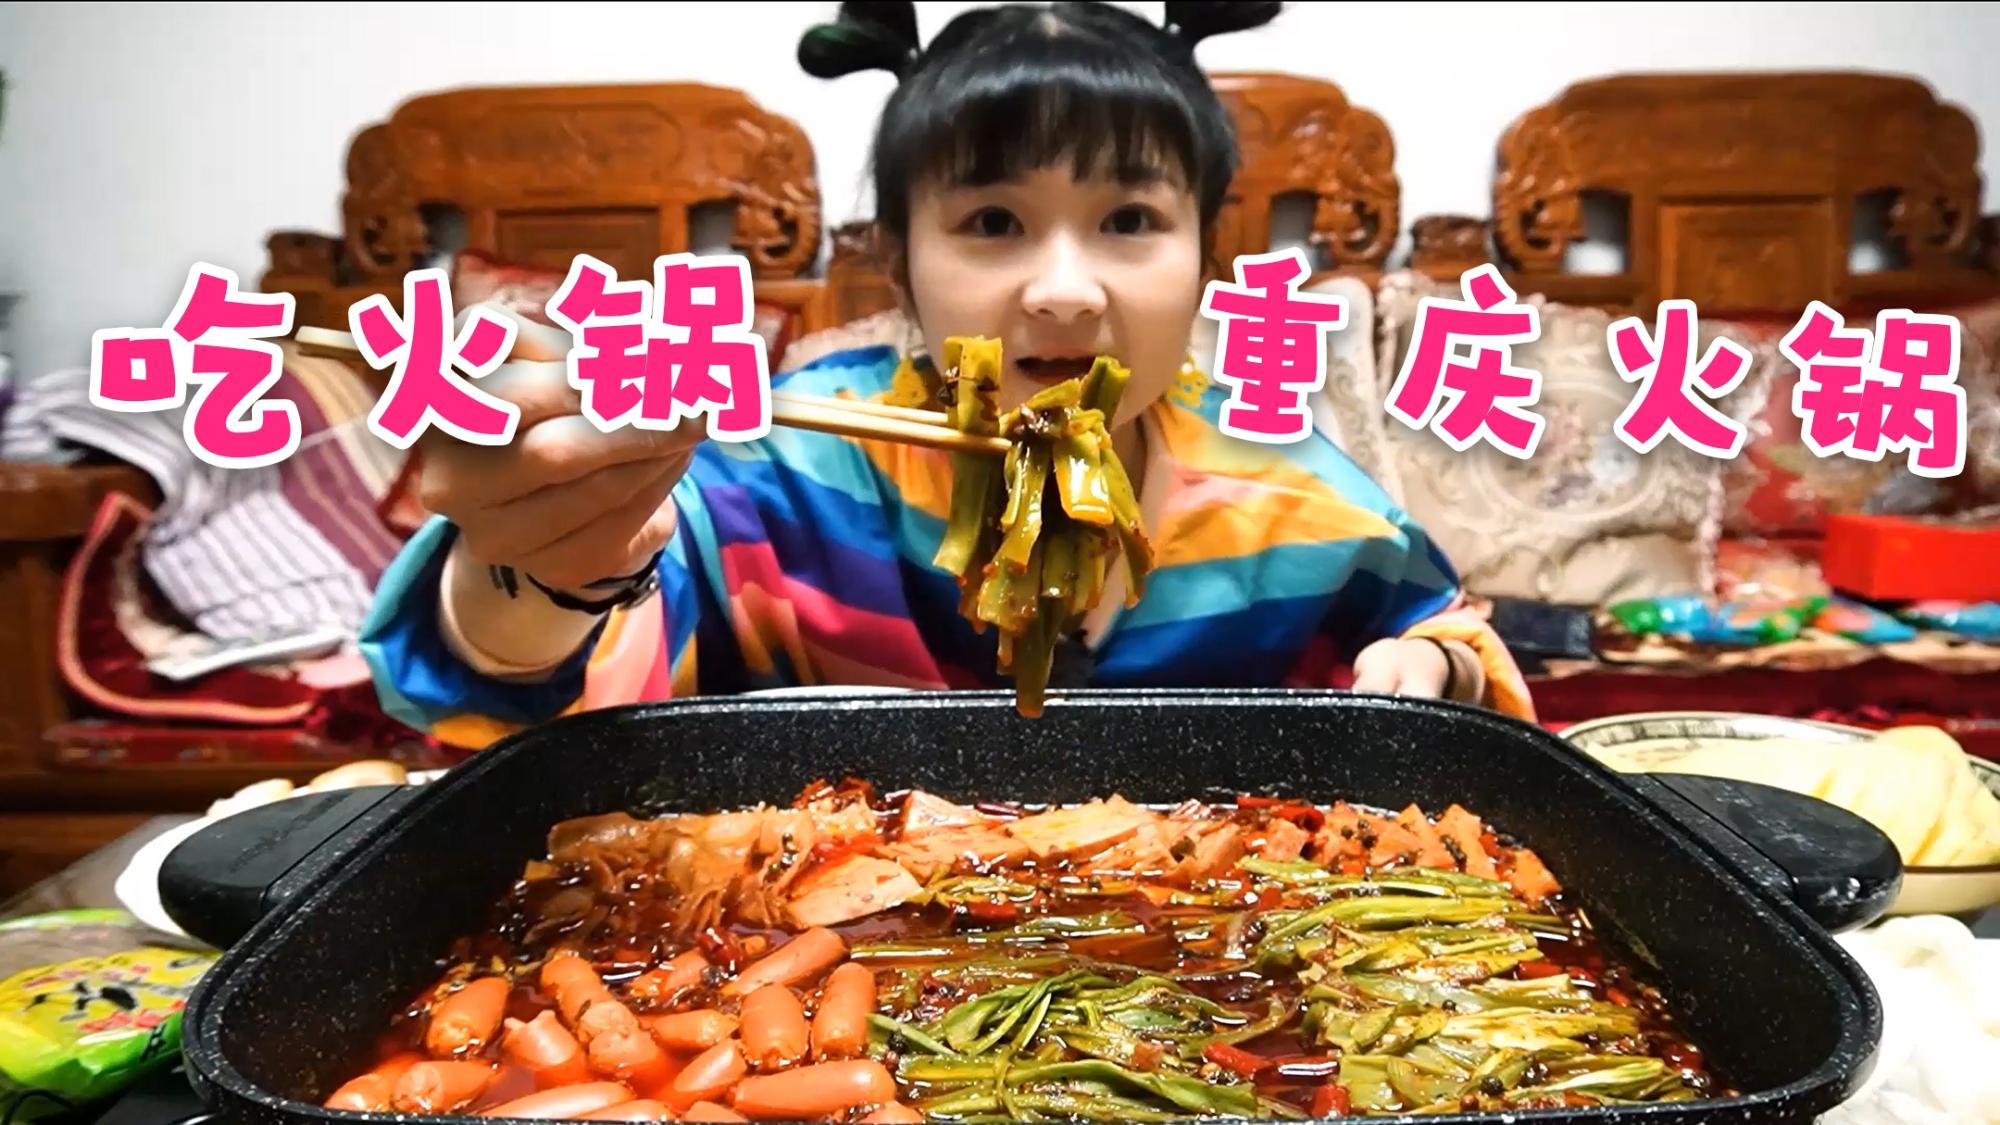 【小猪猪的vlog】宅家吃重庆牛油火锅!煮满两大锅,贡菜培根苕粉,爽!